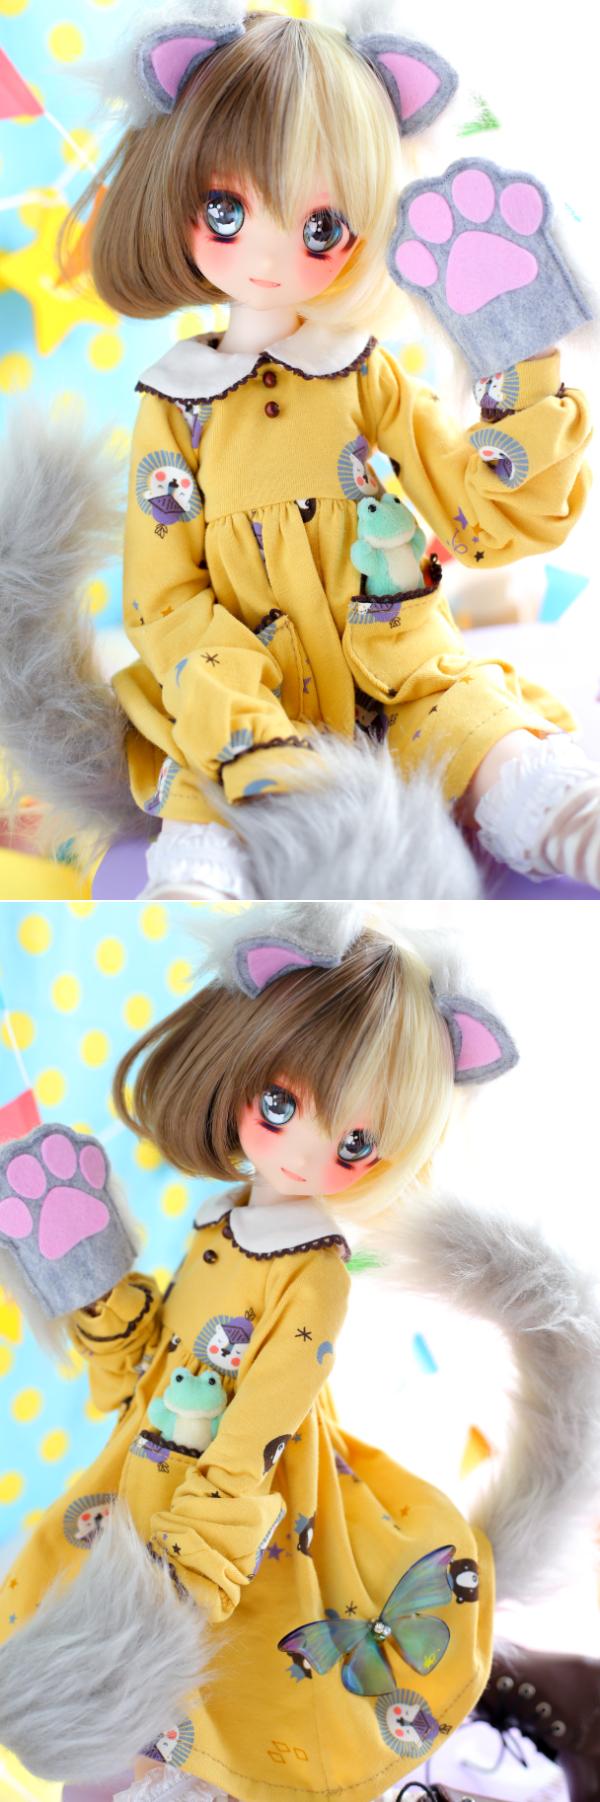 ヤフオク054DWC-01三毛猫ちゃんまとめ06